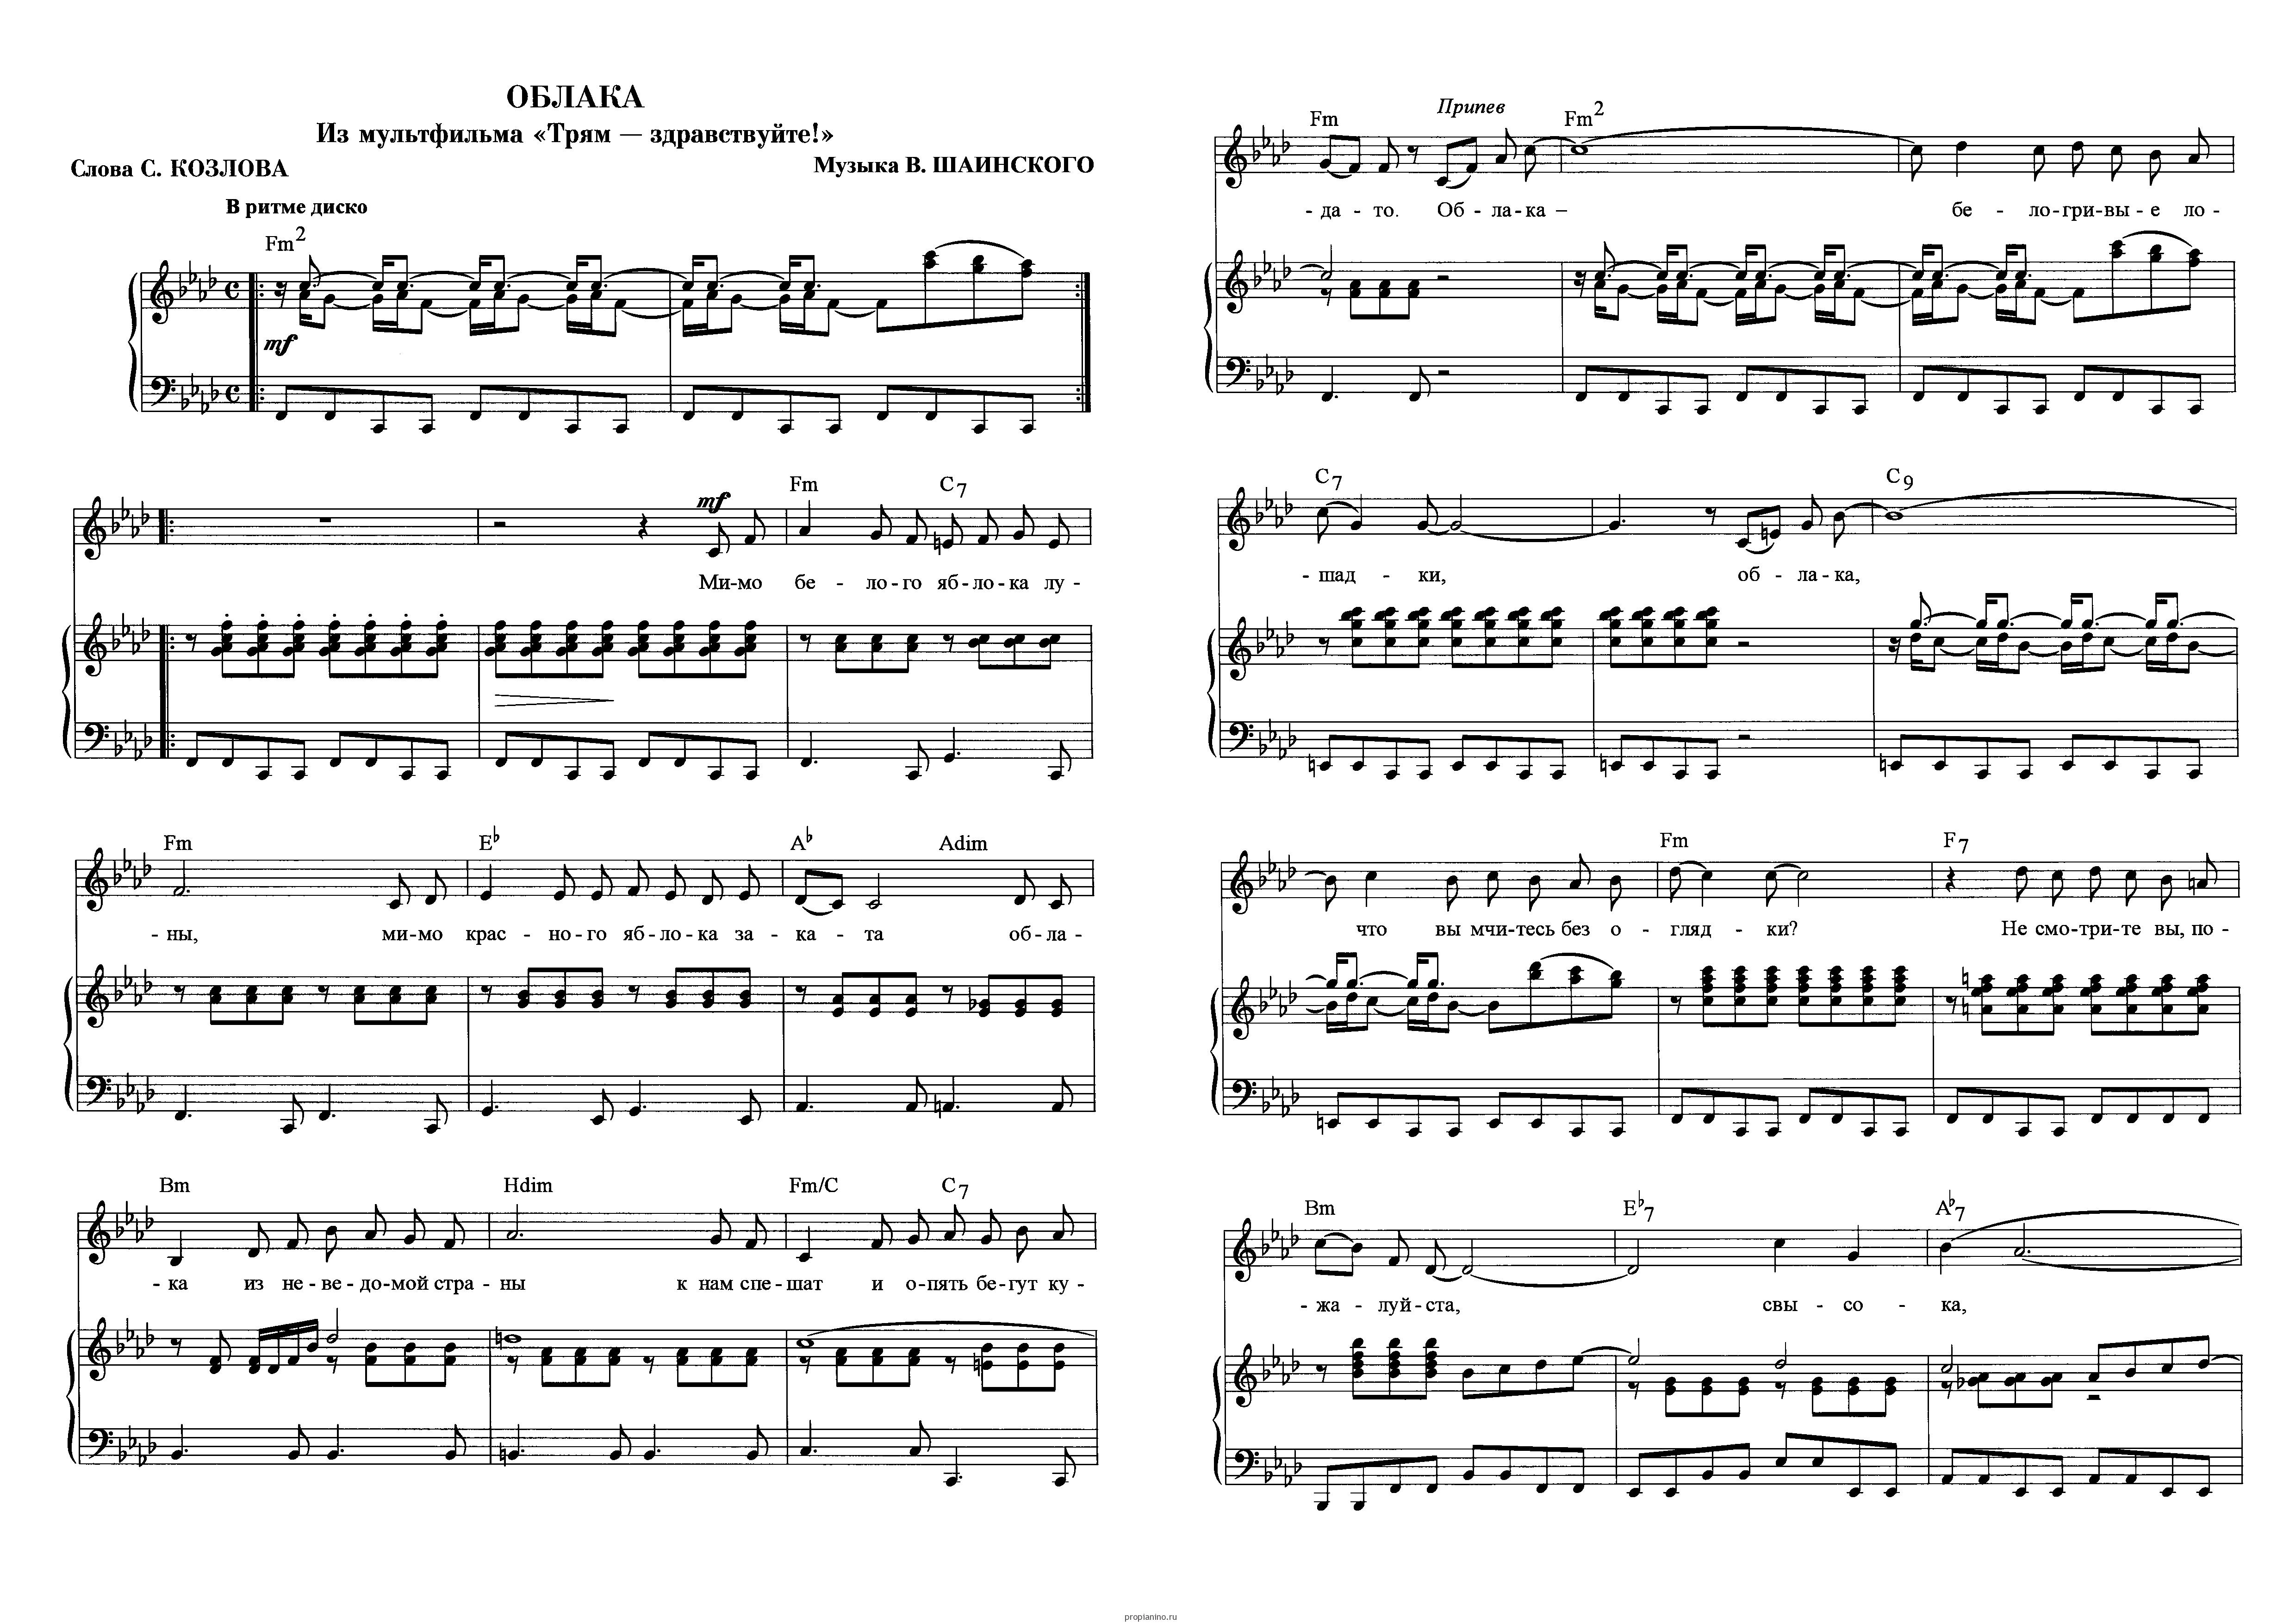 Ноты для фортепиано песен из мультфильмов дисней на русском